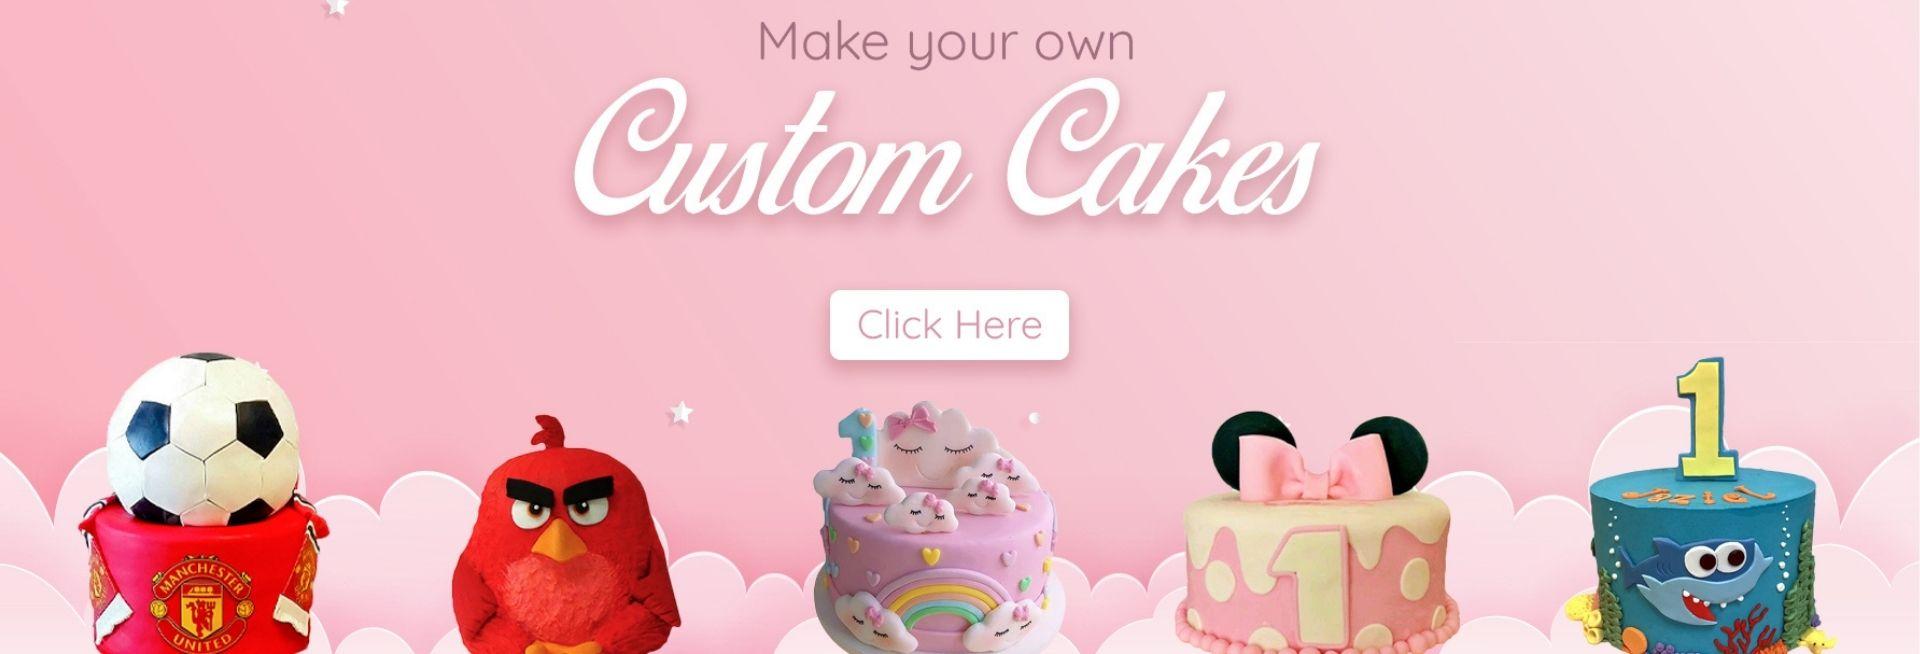 Custom Cake Banner 1